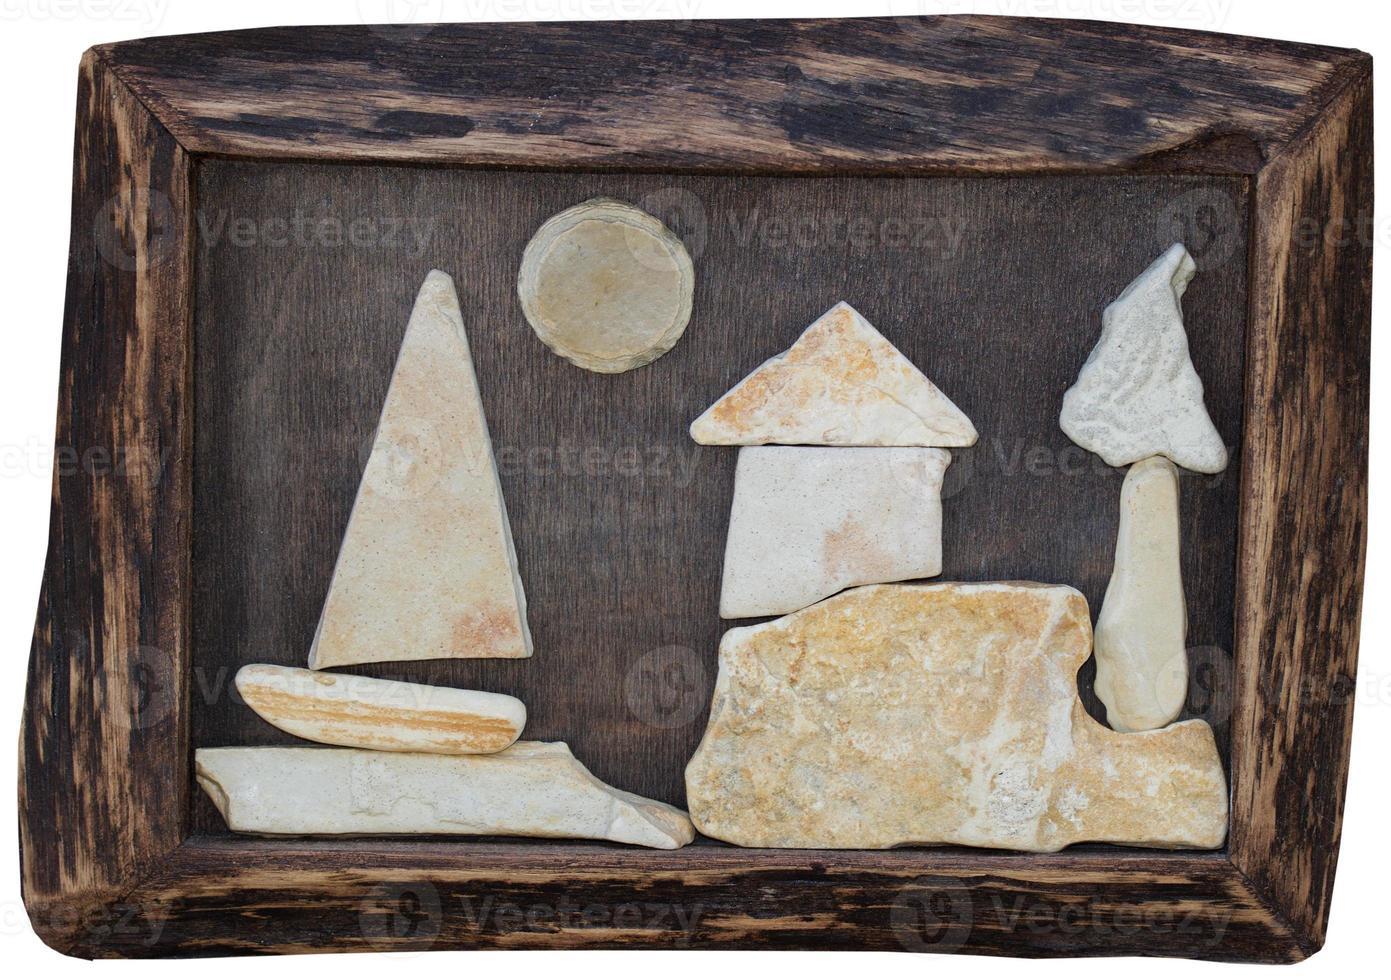 quadro feito à mão com pedras em moldura de madeira foto